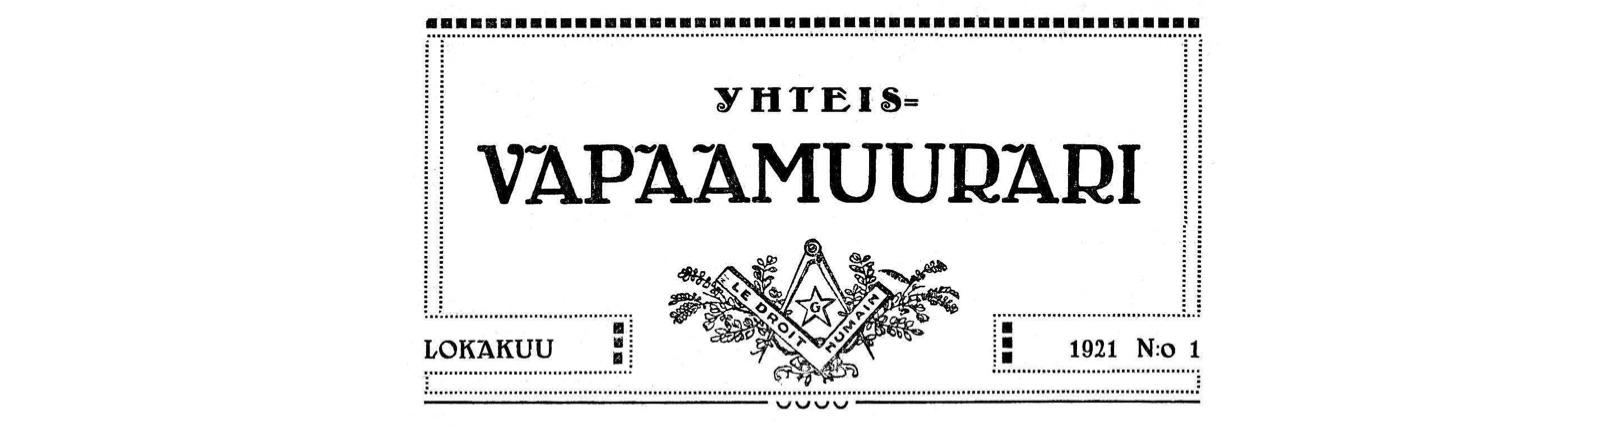 Kuvituskuva: Yhteisvapaamuurari-lehden etusivun kuvitusta vuodelta 1921.